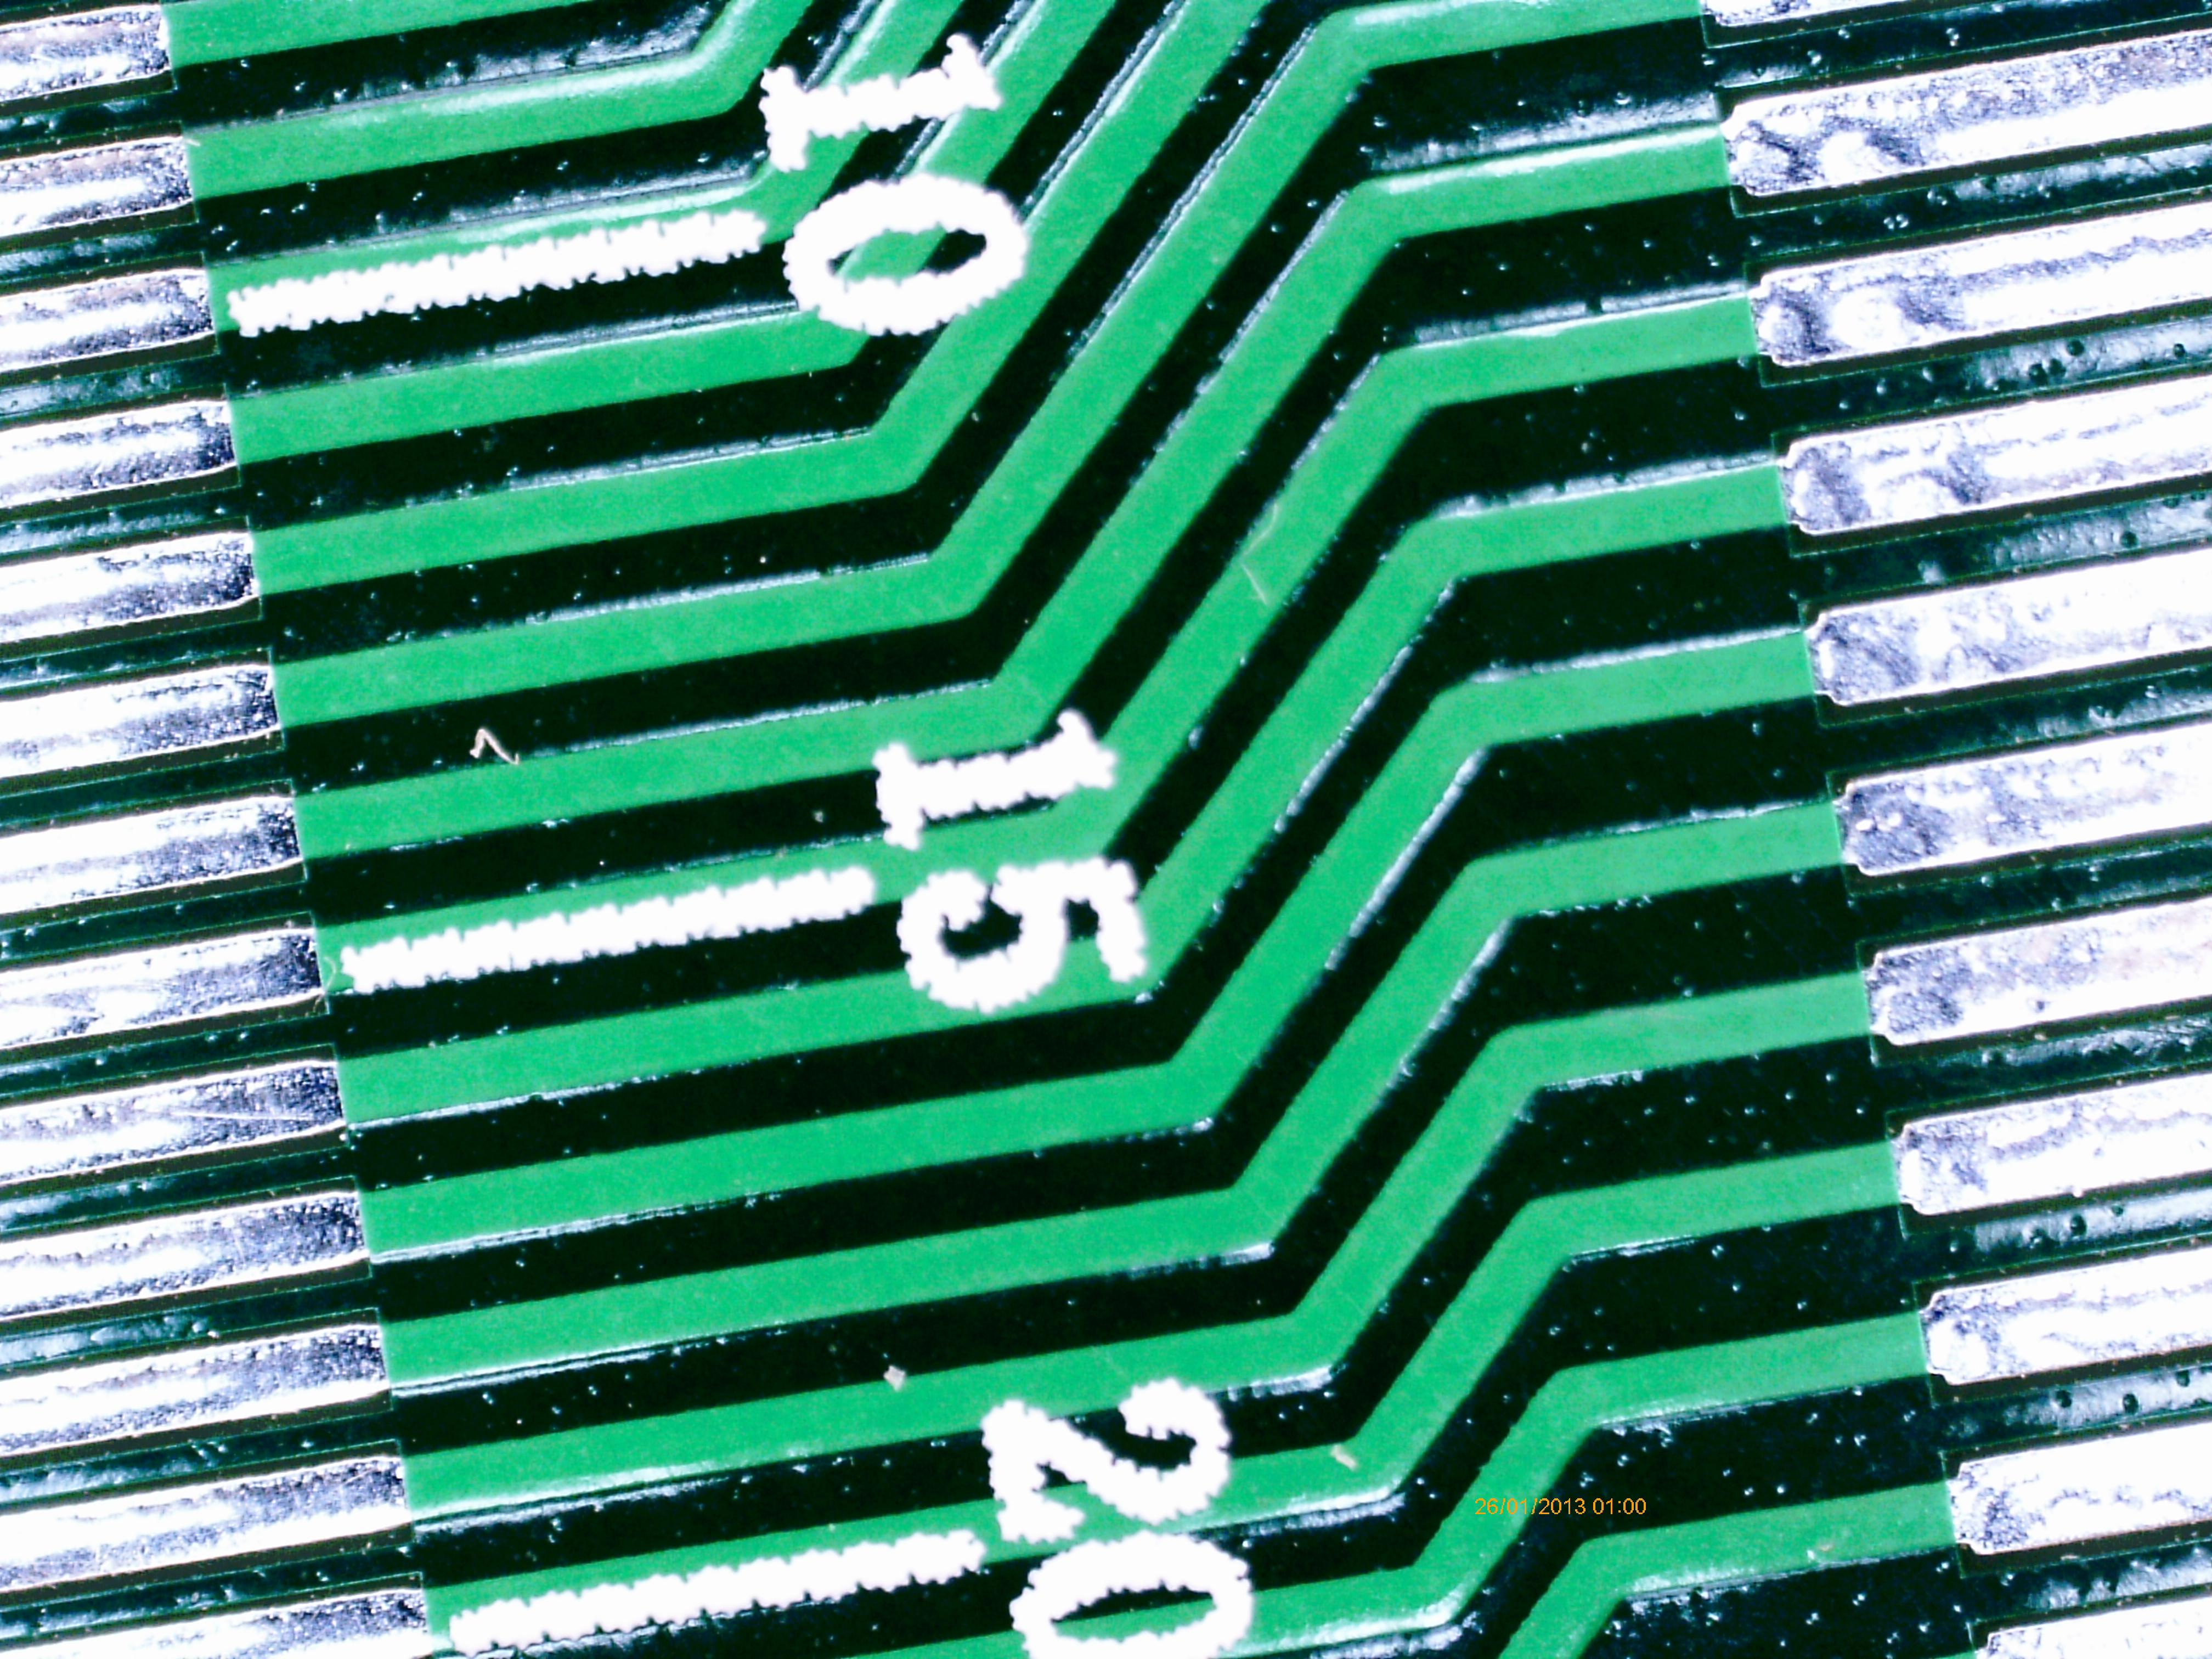 mikroskop cyfrowy sub led lcd avi jpg video microsd powiększenie 500x bte-526